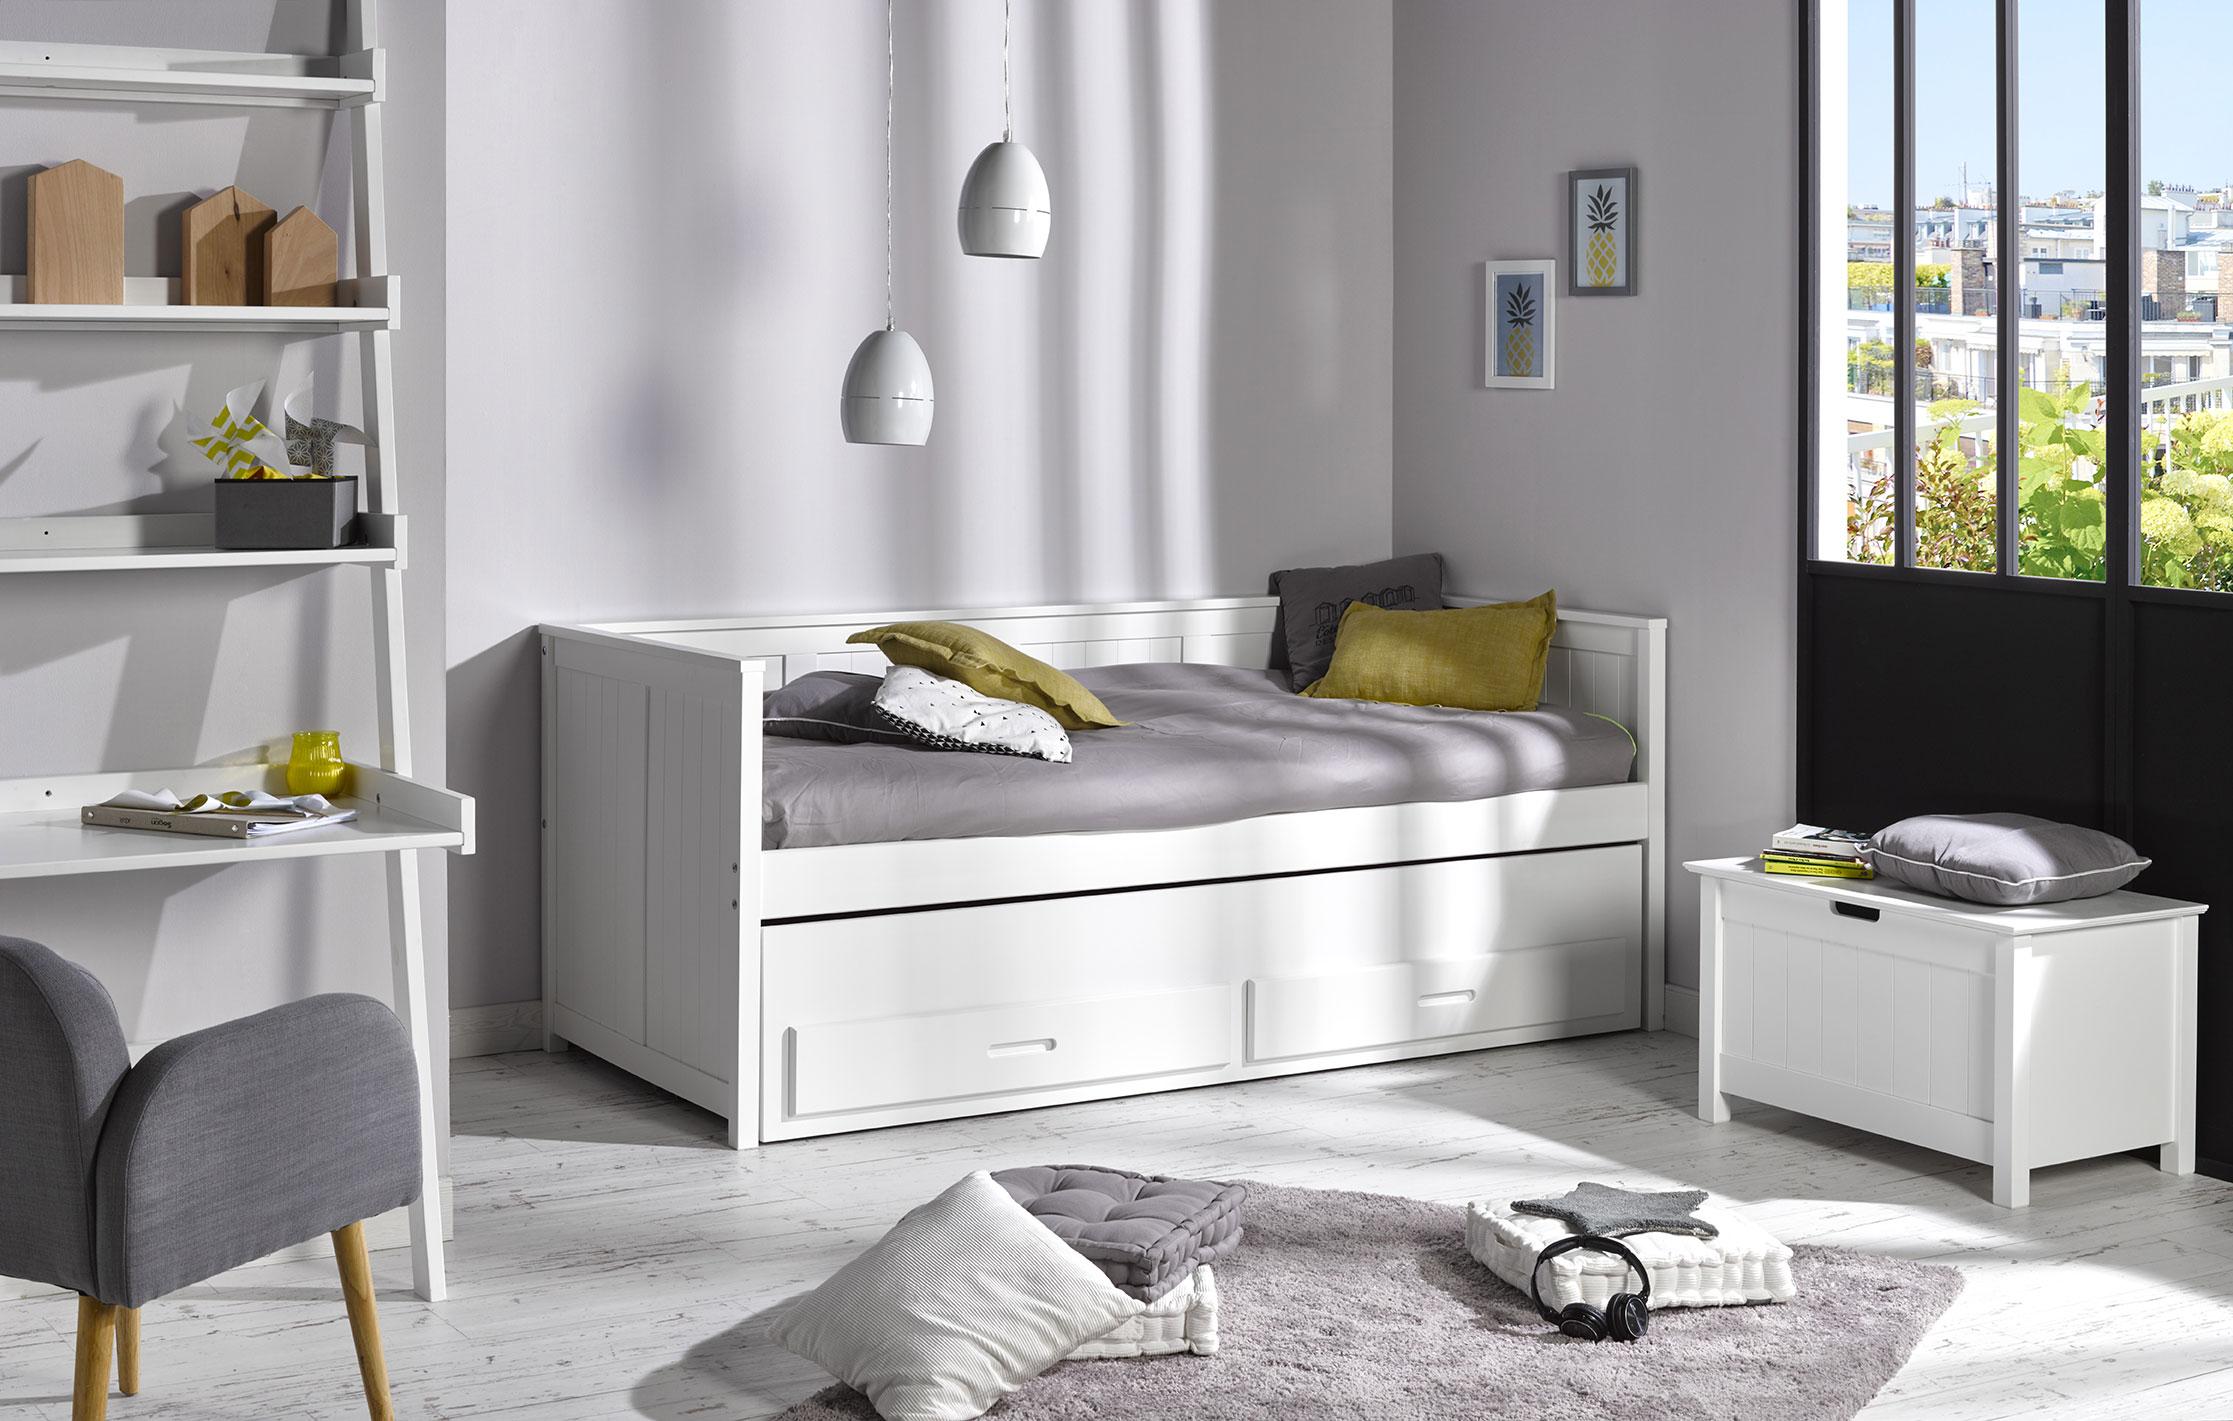 lit gigogne enfant zaz blanc idkid 39 s. Black Bedroom Furniture Sets. Home Design Ideas